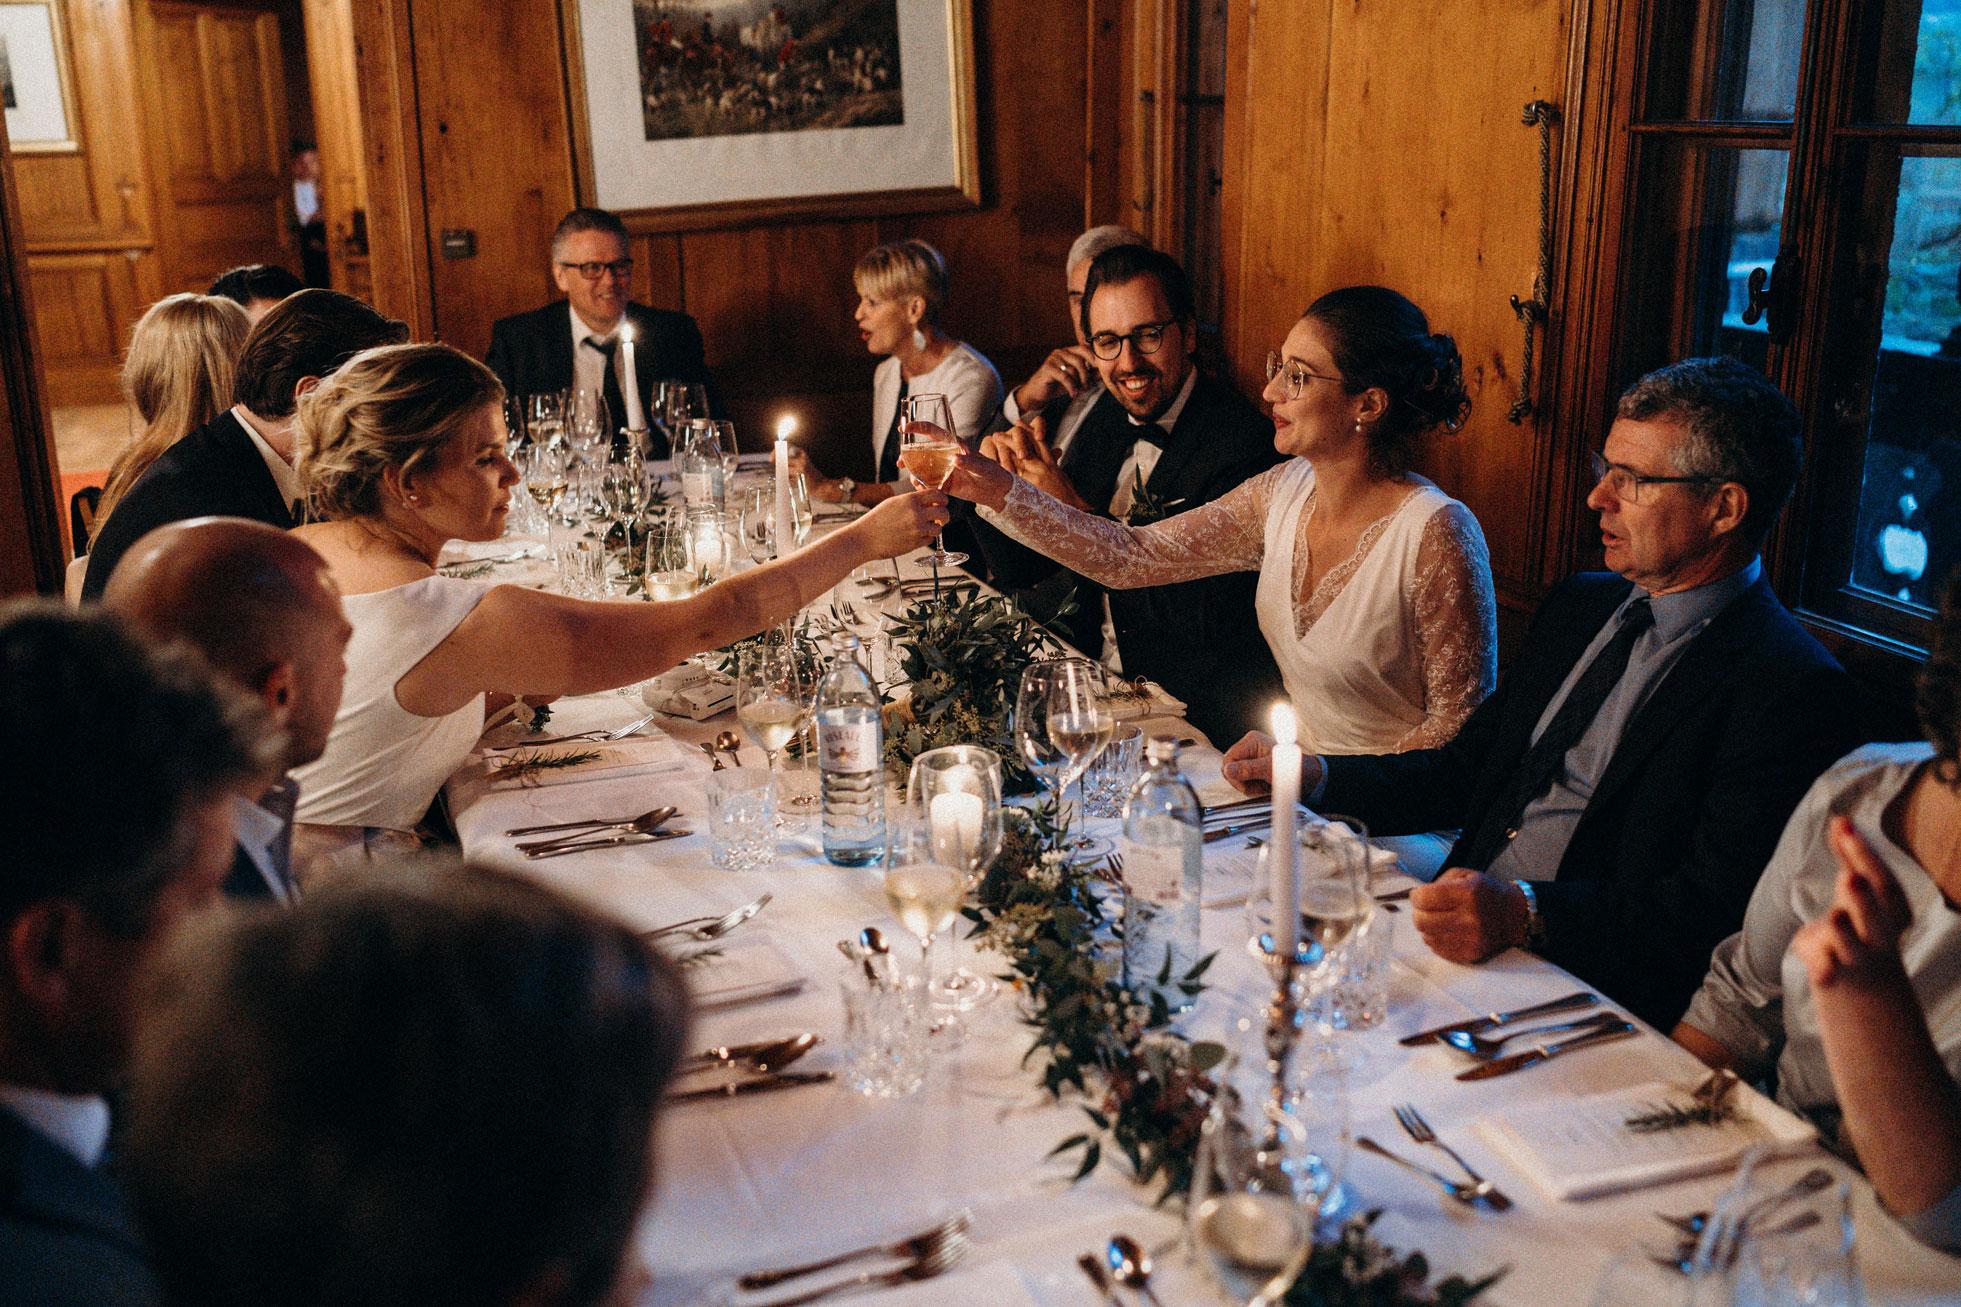 Hochzeit_Claire_Manuel_Villa_Maund_Daniel_Jenny-514.jpg